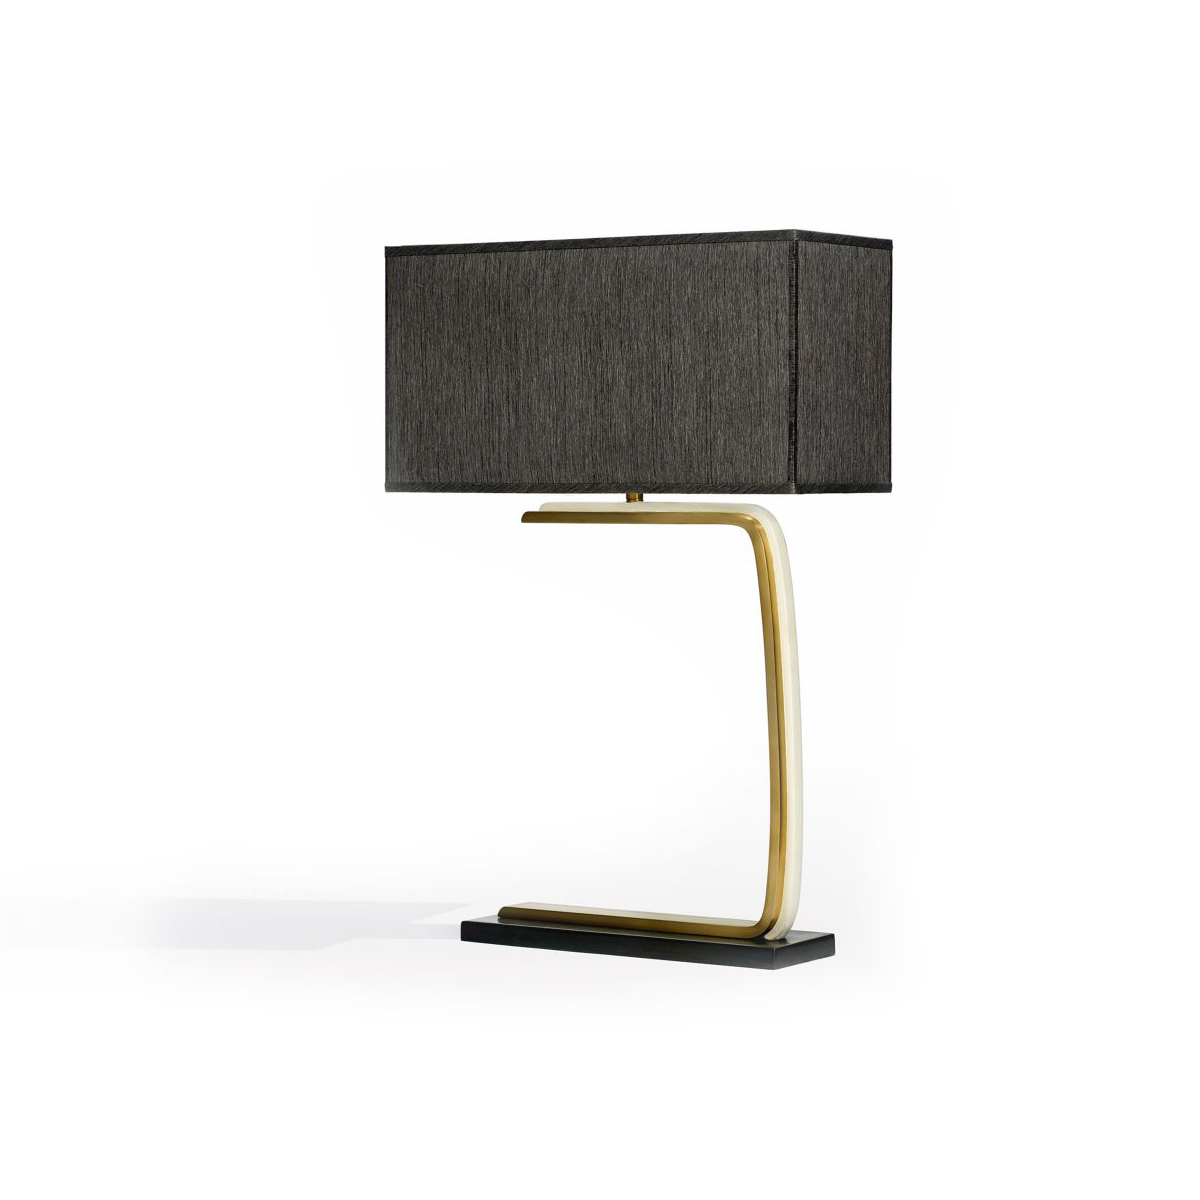 Loch Table Lamp by Jean De Merry